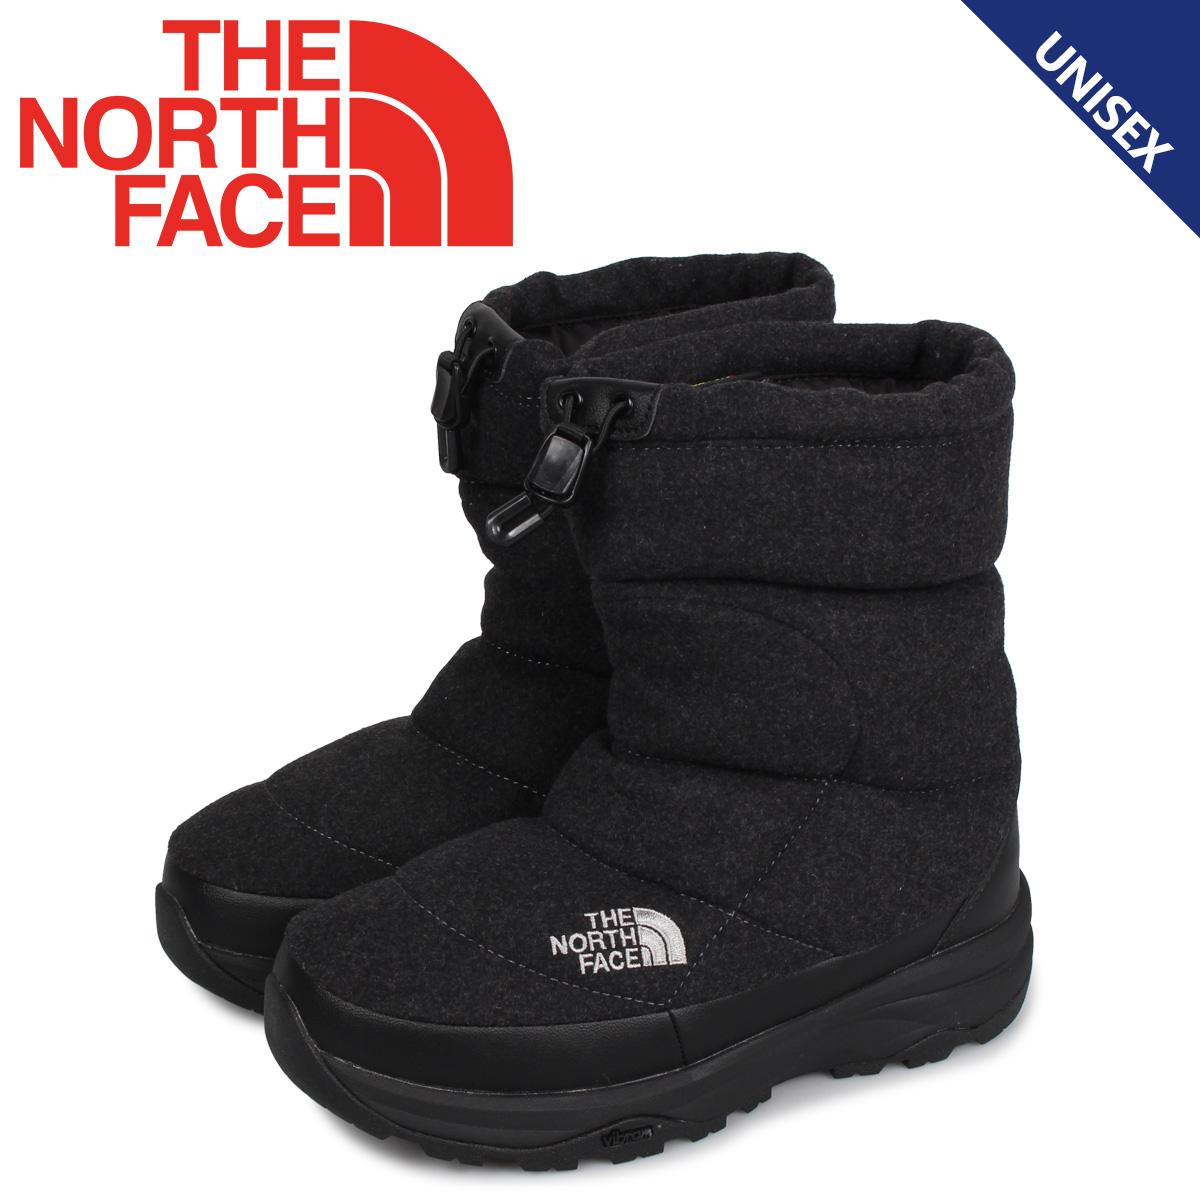 【最大2000円OFFクーポン】 ノースフェイス THE NORTH FACE ヌプシ ブーティ ウール5 ブーツ ウィンターブーツ メンズ レディース NUPTSE BOOTIE WOOL 5 チャコール NF51978